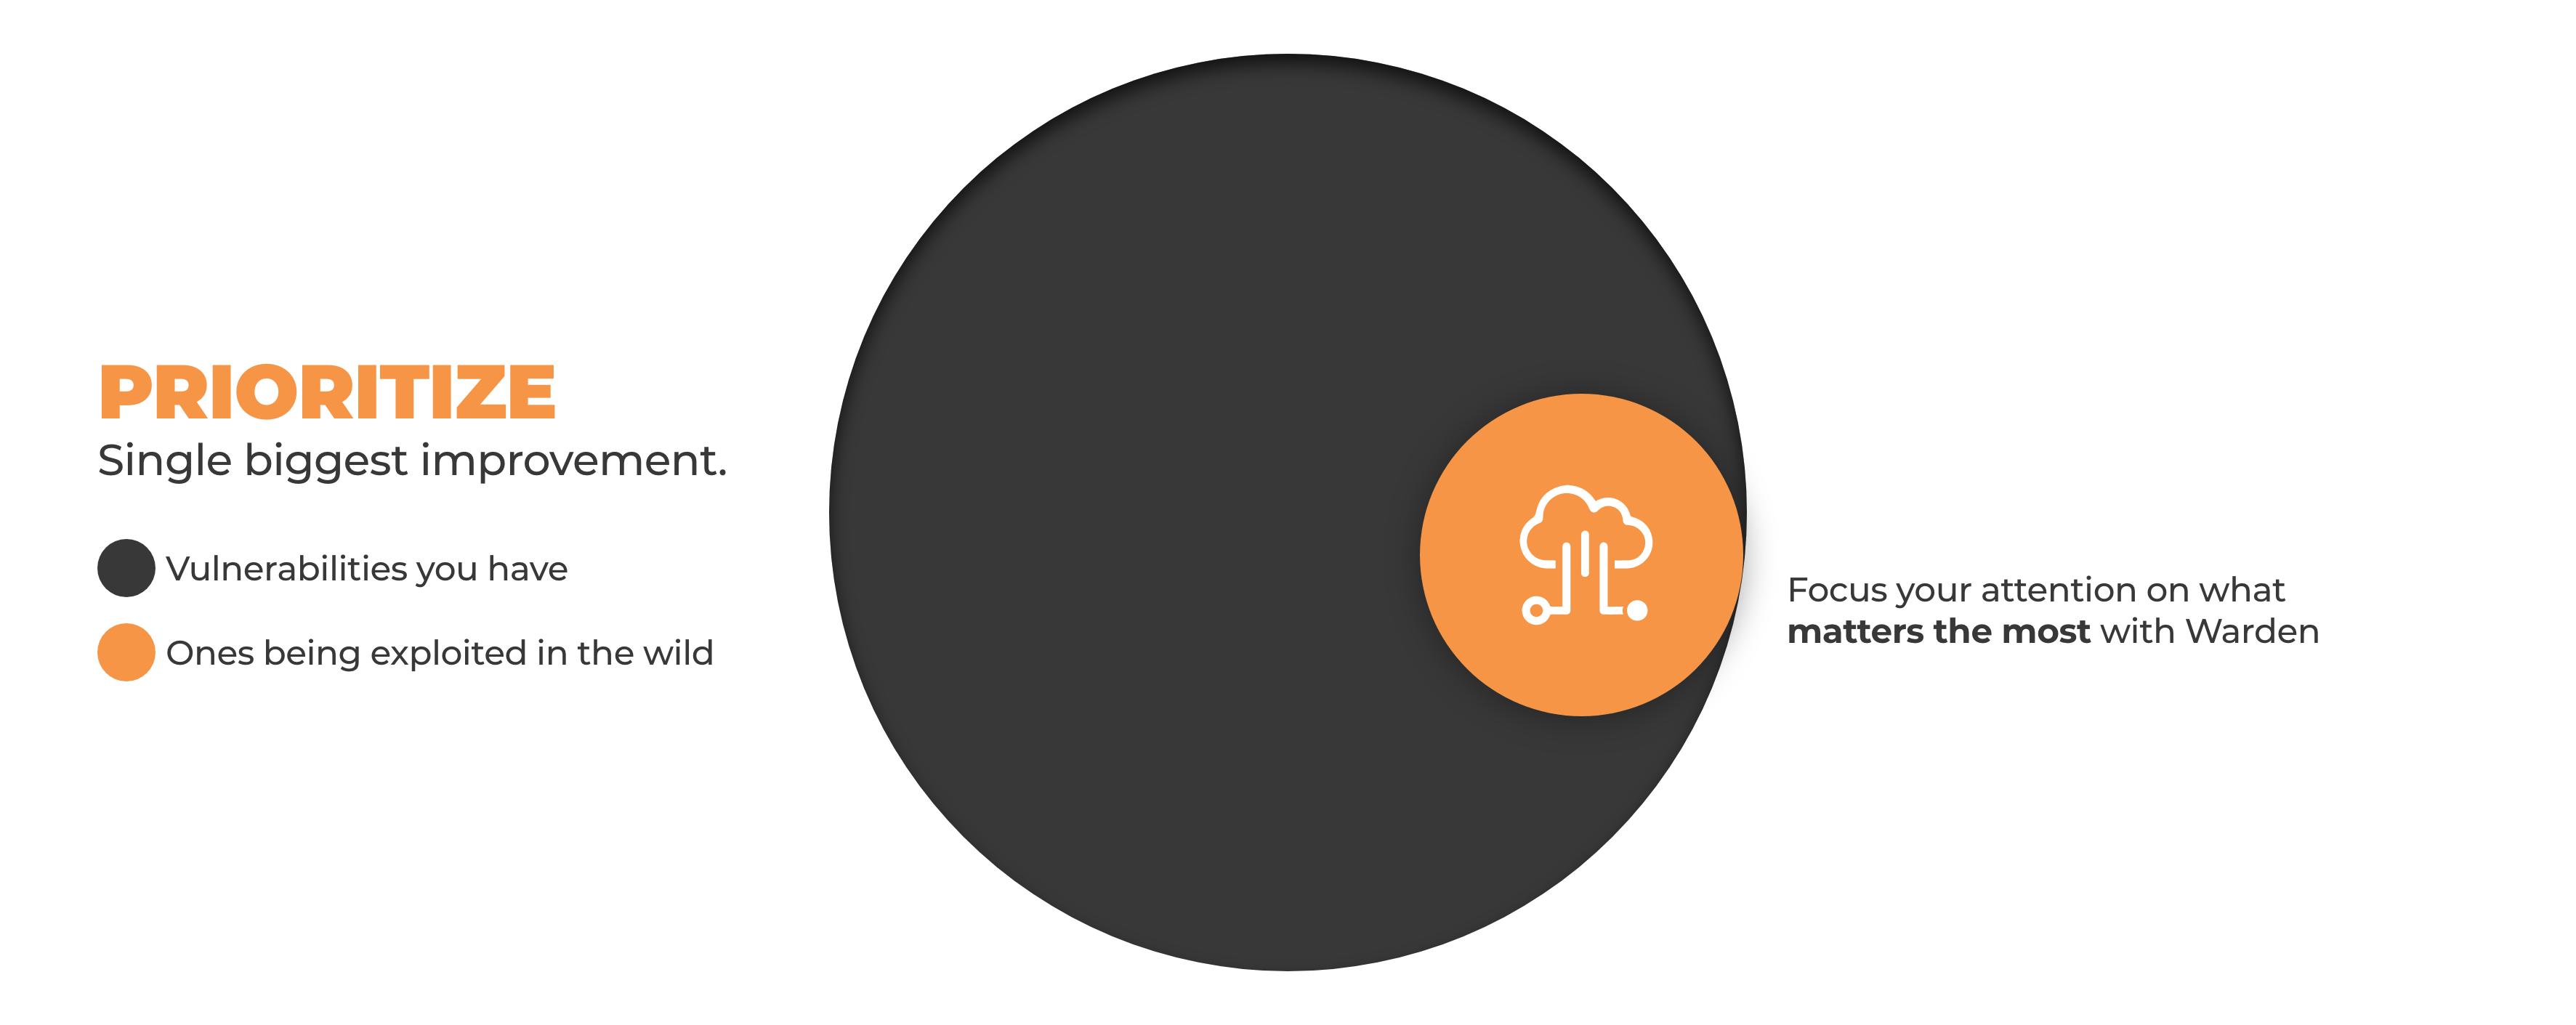 prioritzation with warden visual venn diagram